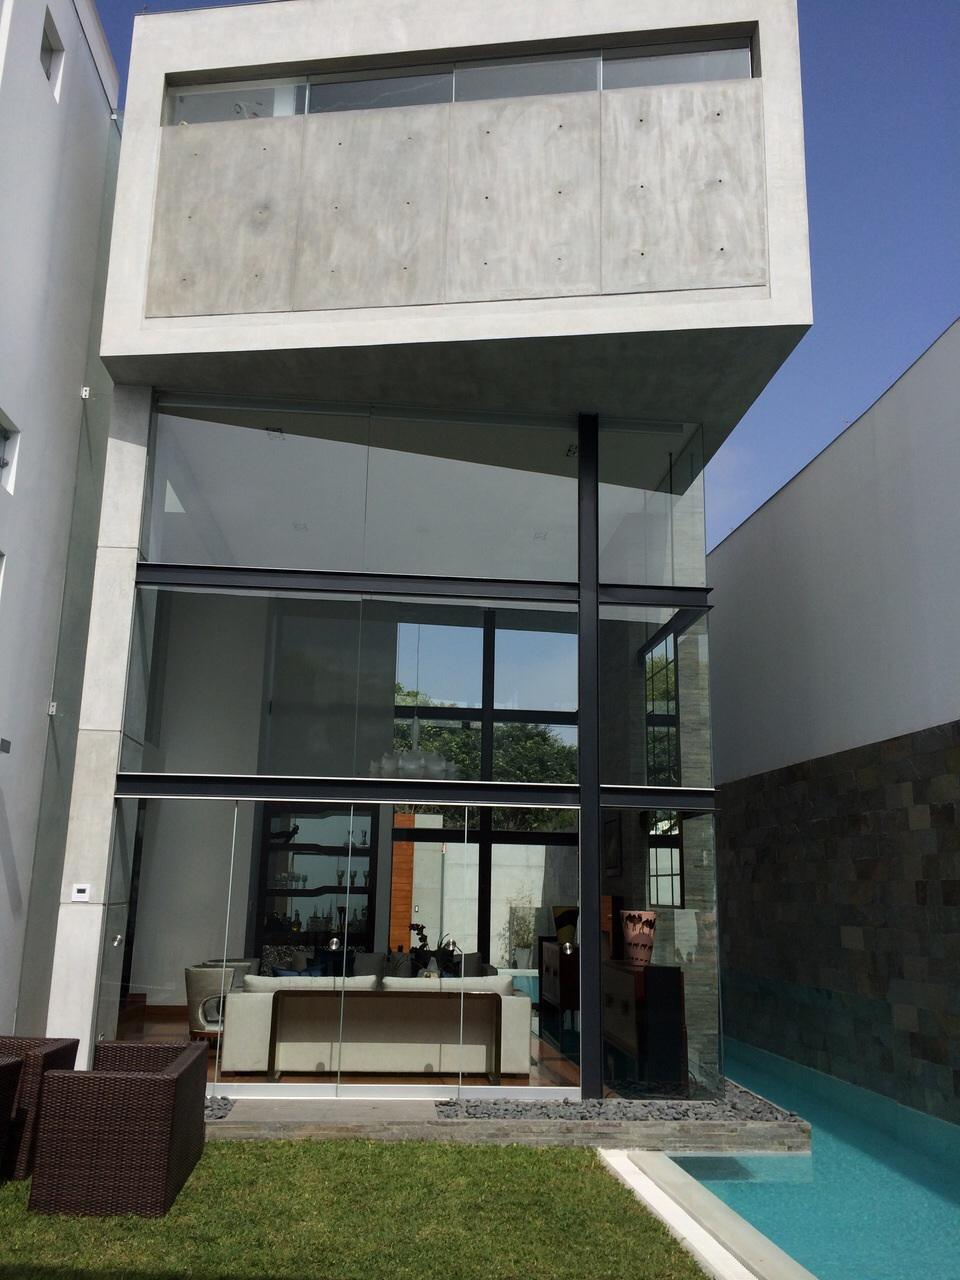 Casa MM en San Isidro lima peru diego del castillo (27).JPG